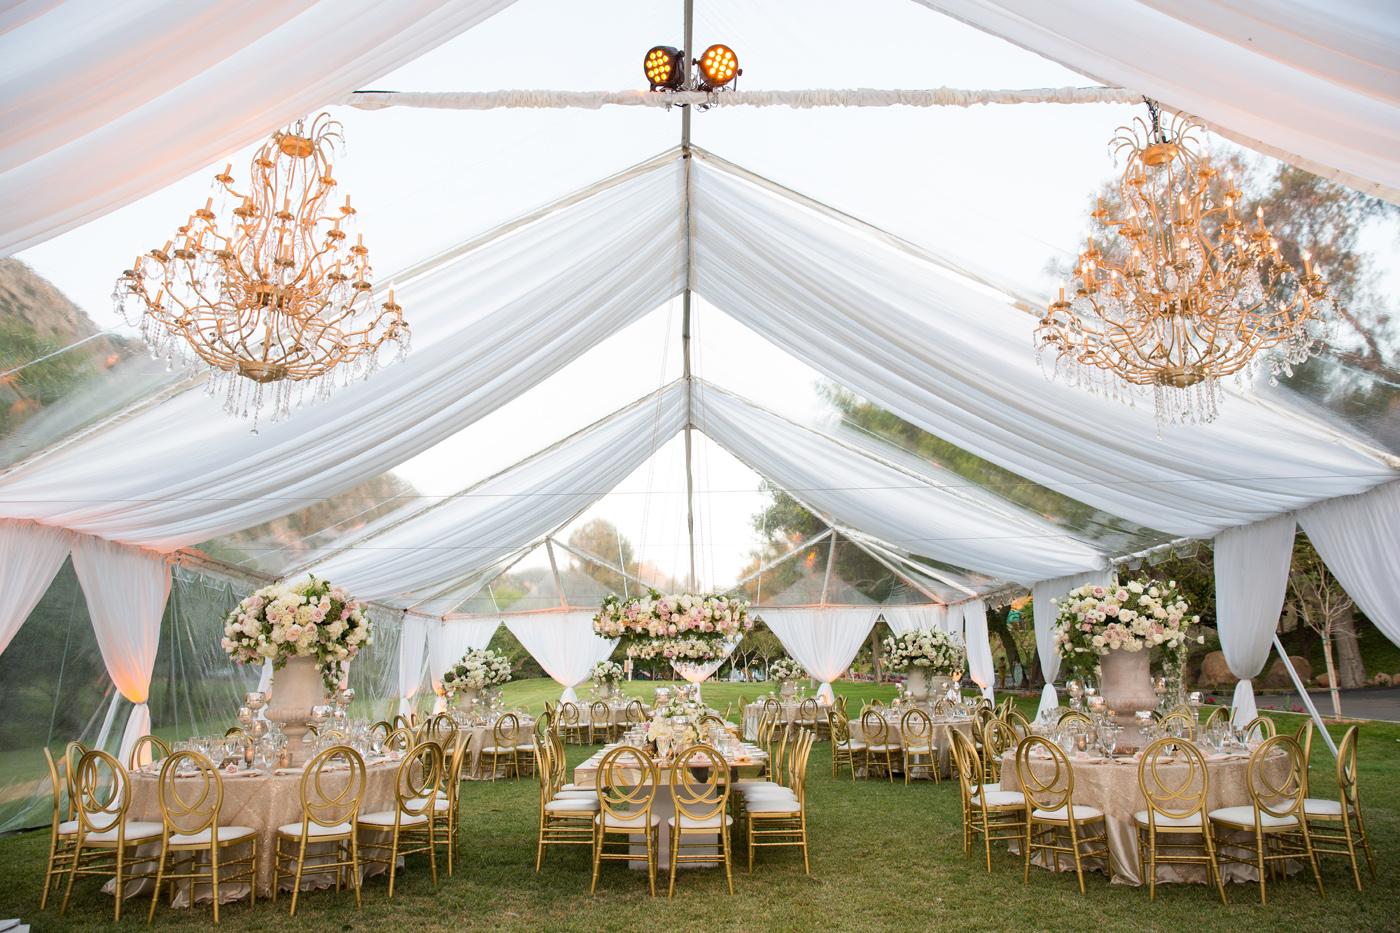 107_DukePhotography_DukeImages_Wedding_Details.jpg